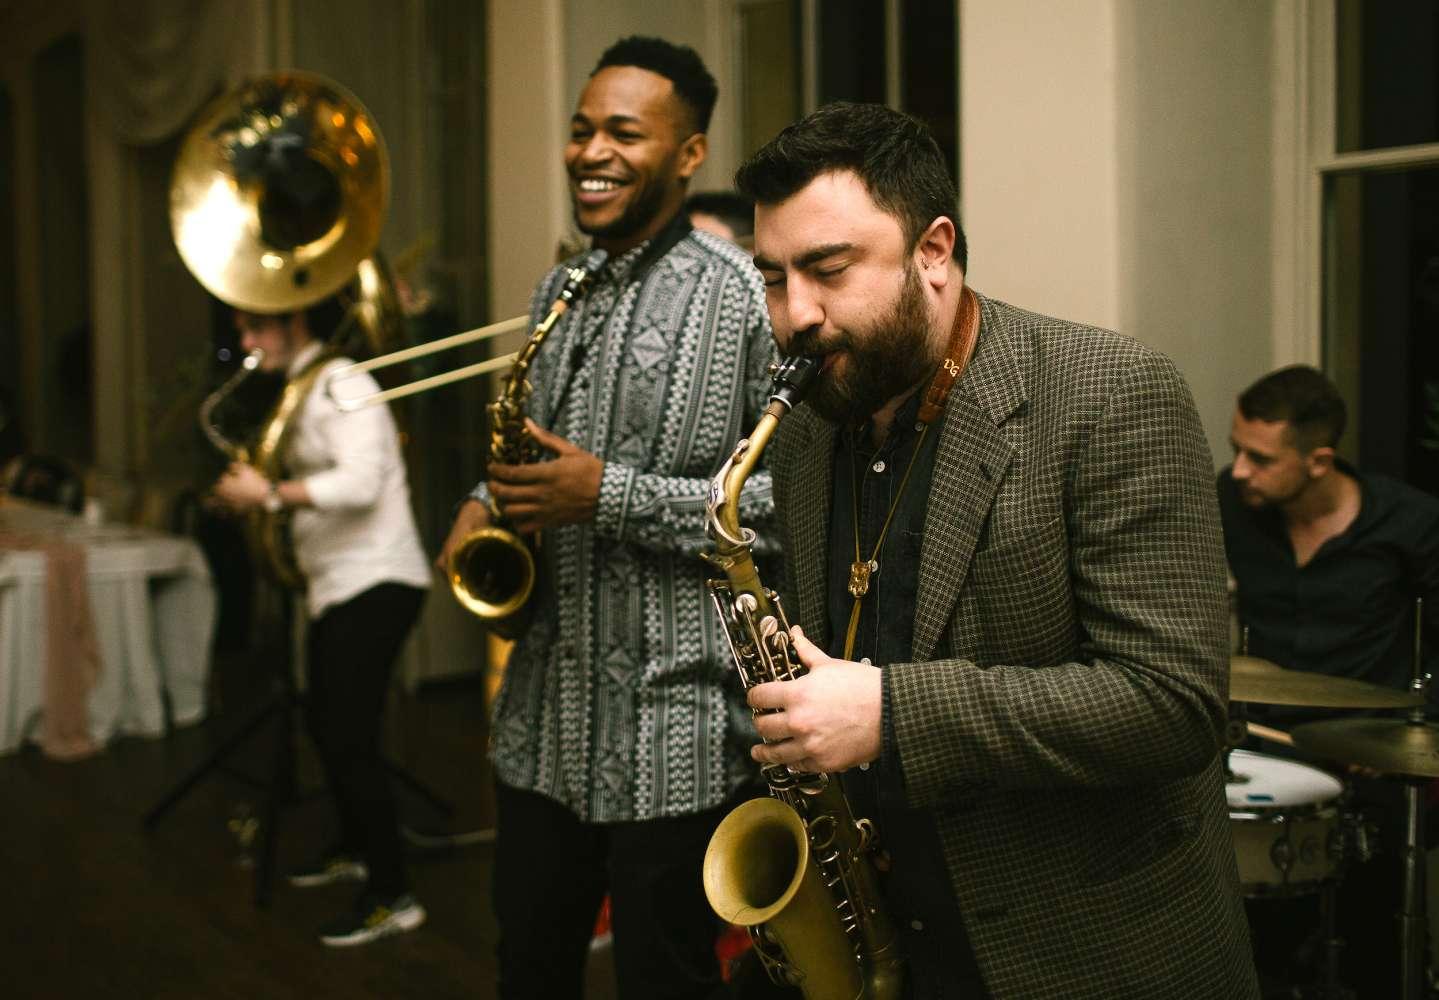 Drum 'n' Brass | Manchester Drum & Brass Fusion Wedding Band